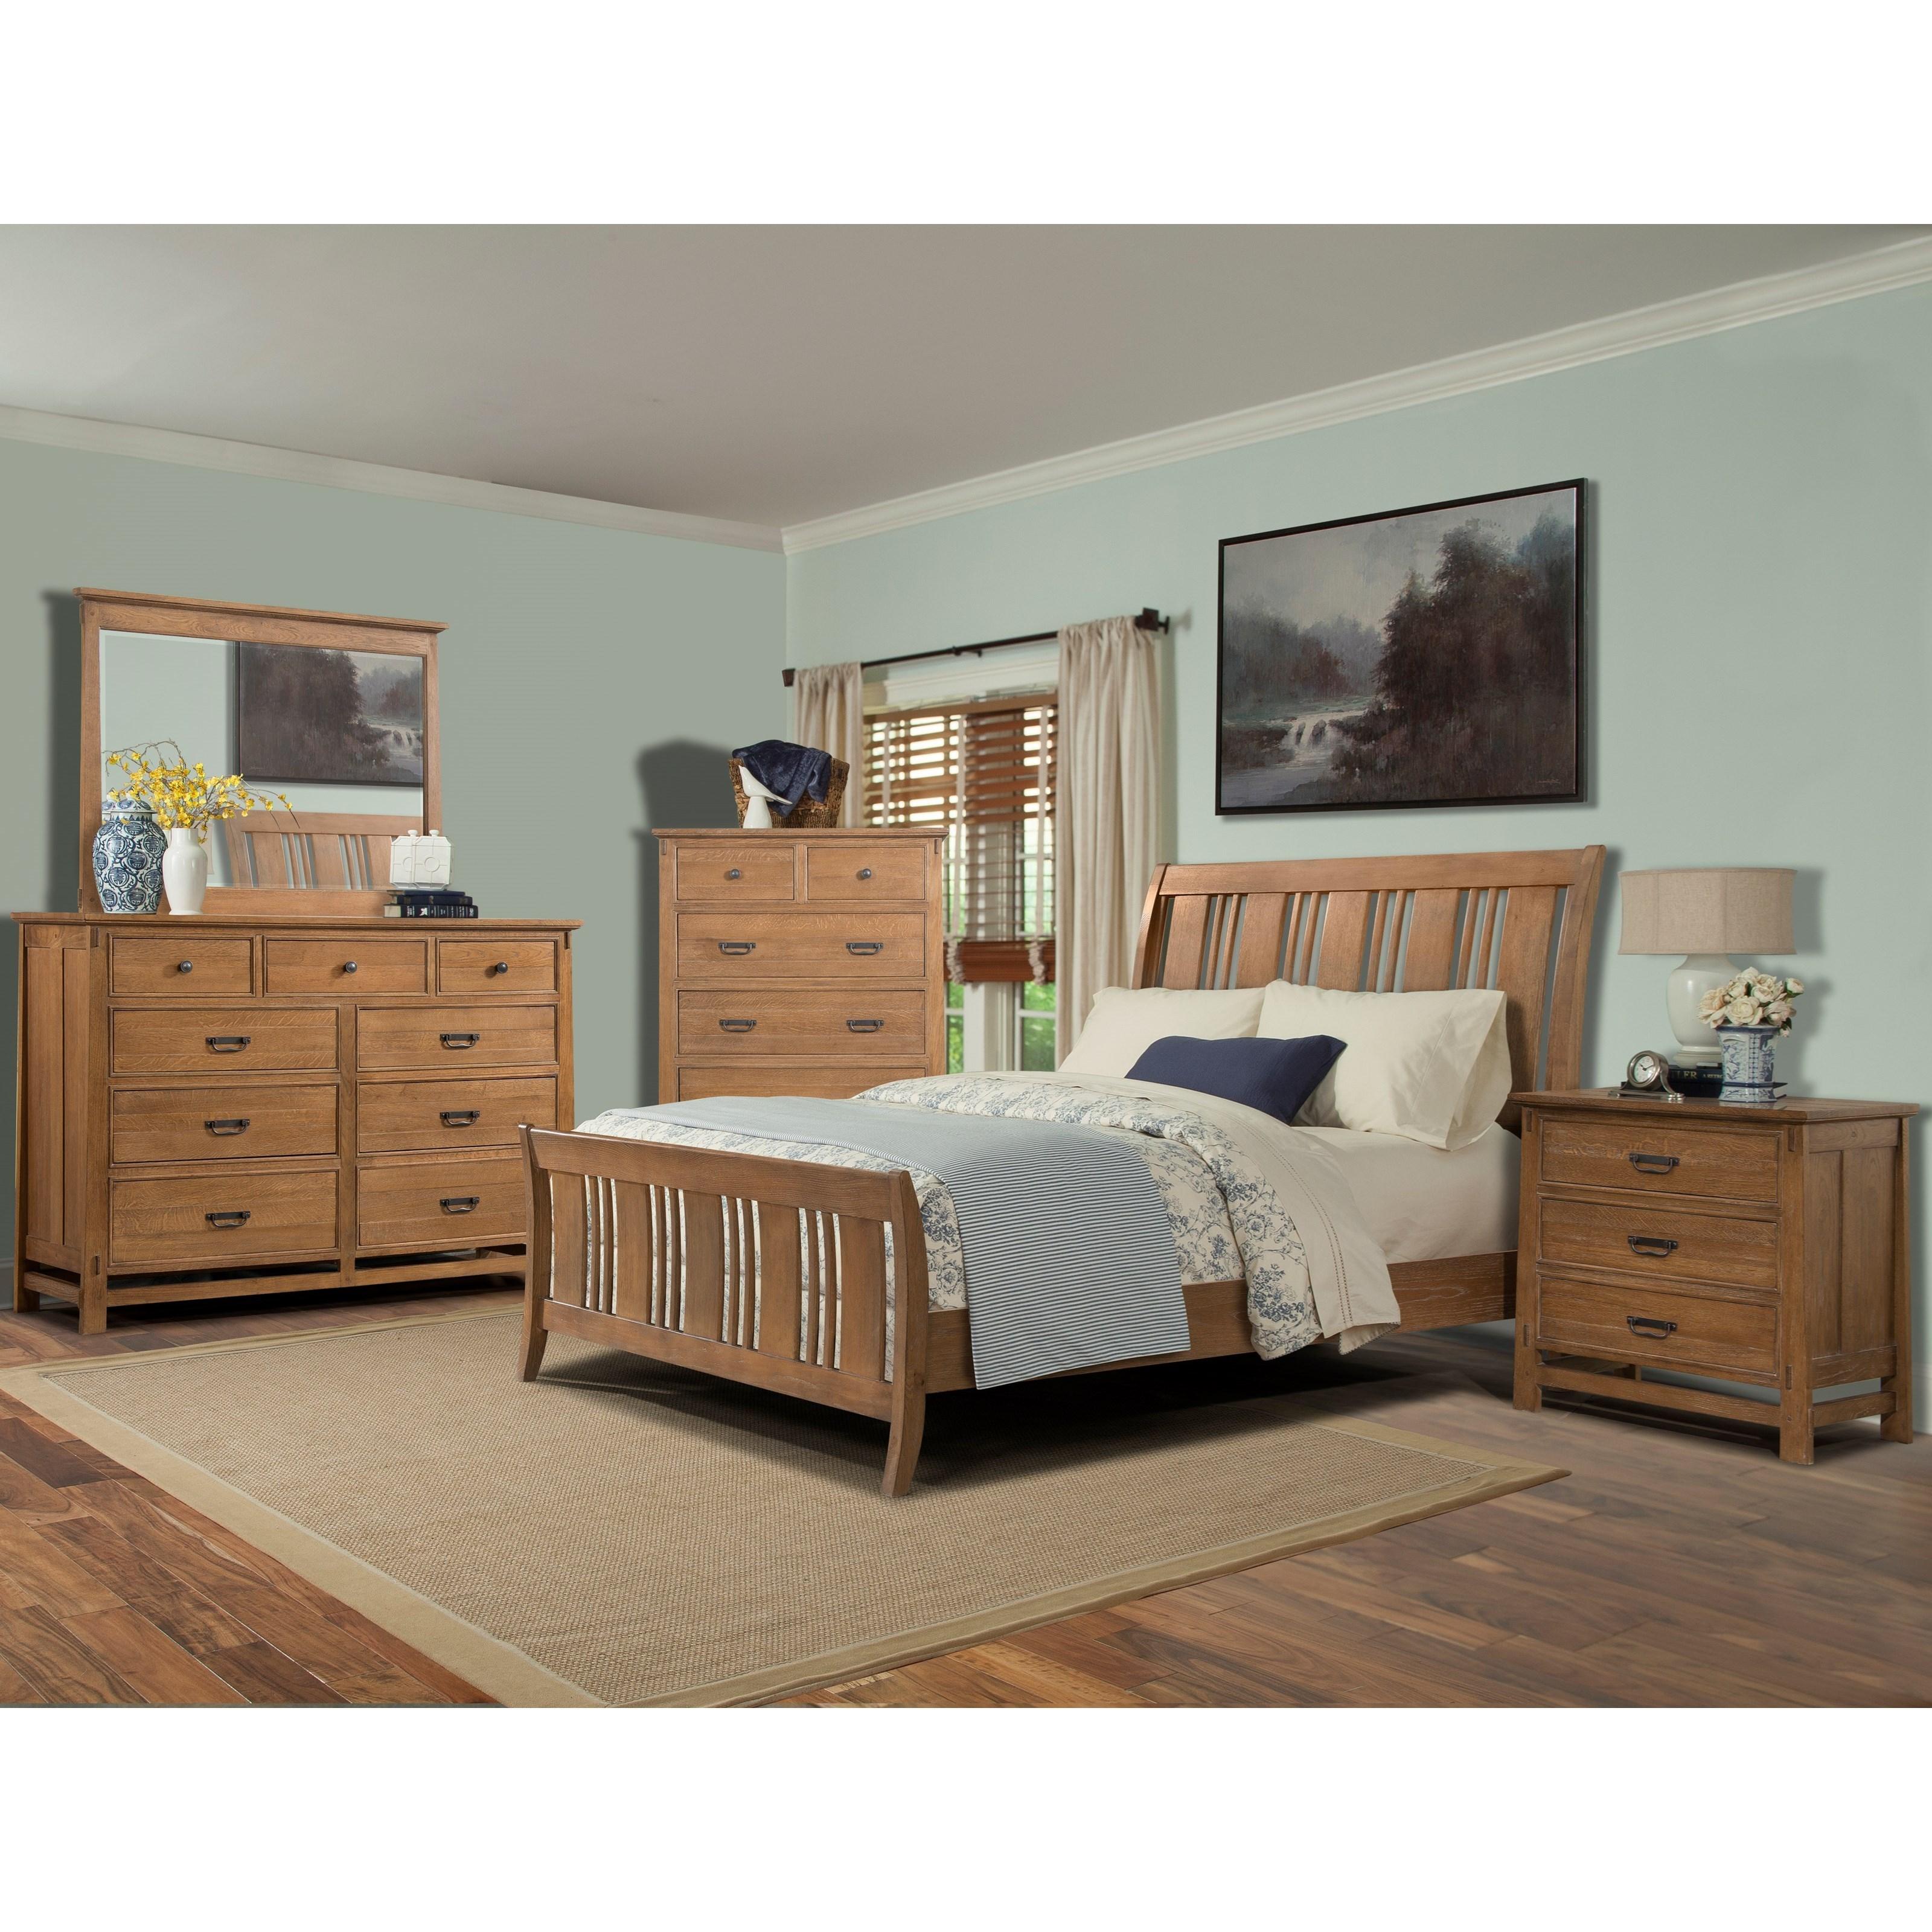 Cresent Fine Furniture Camden King Bedroom Group 4 - Item Number: 202 K Bedroom Group 4